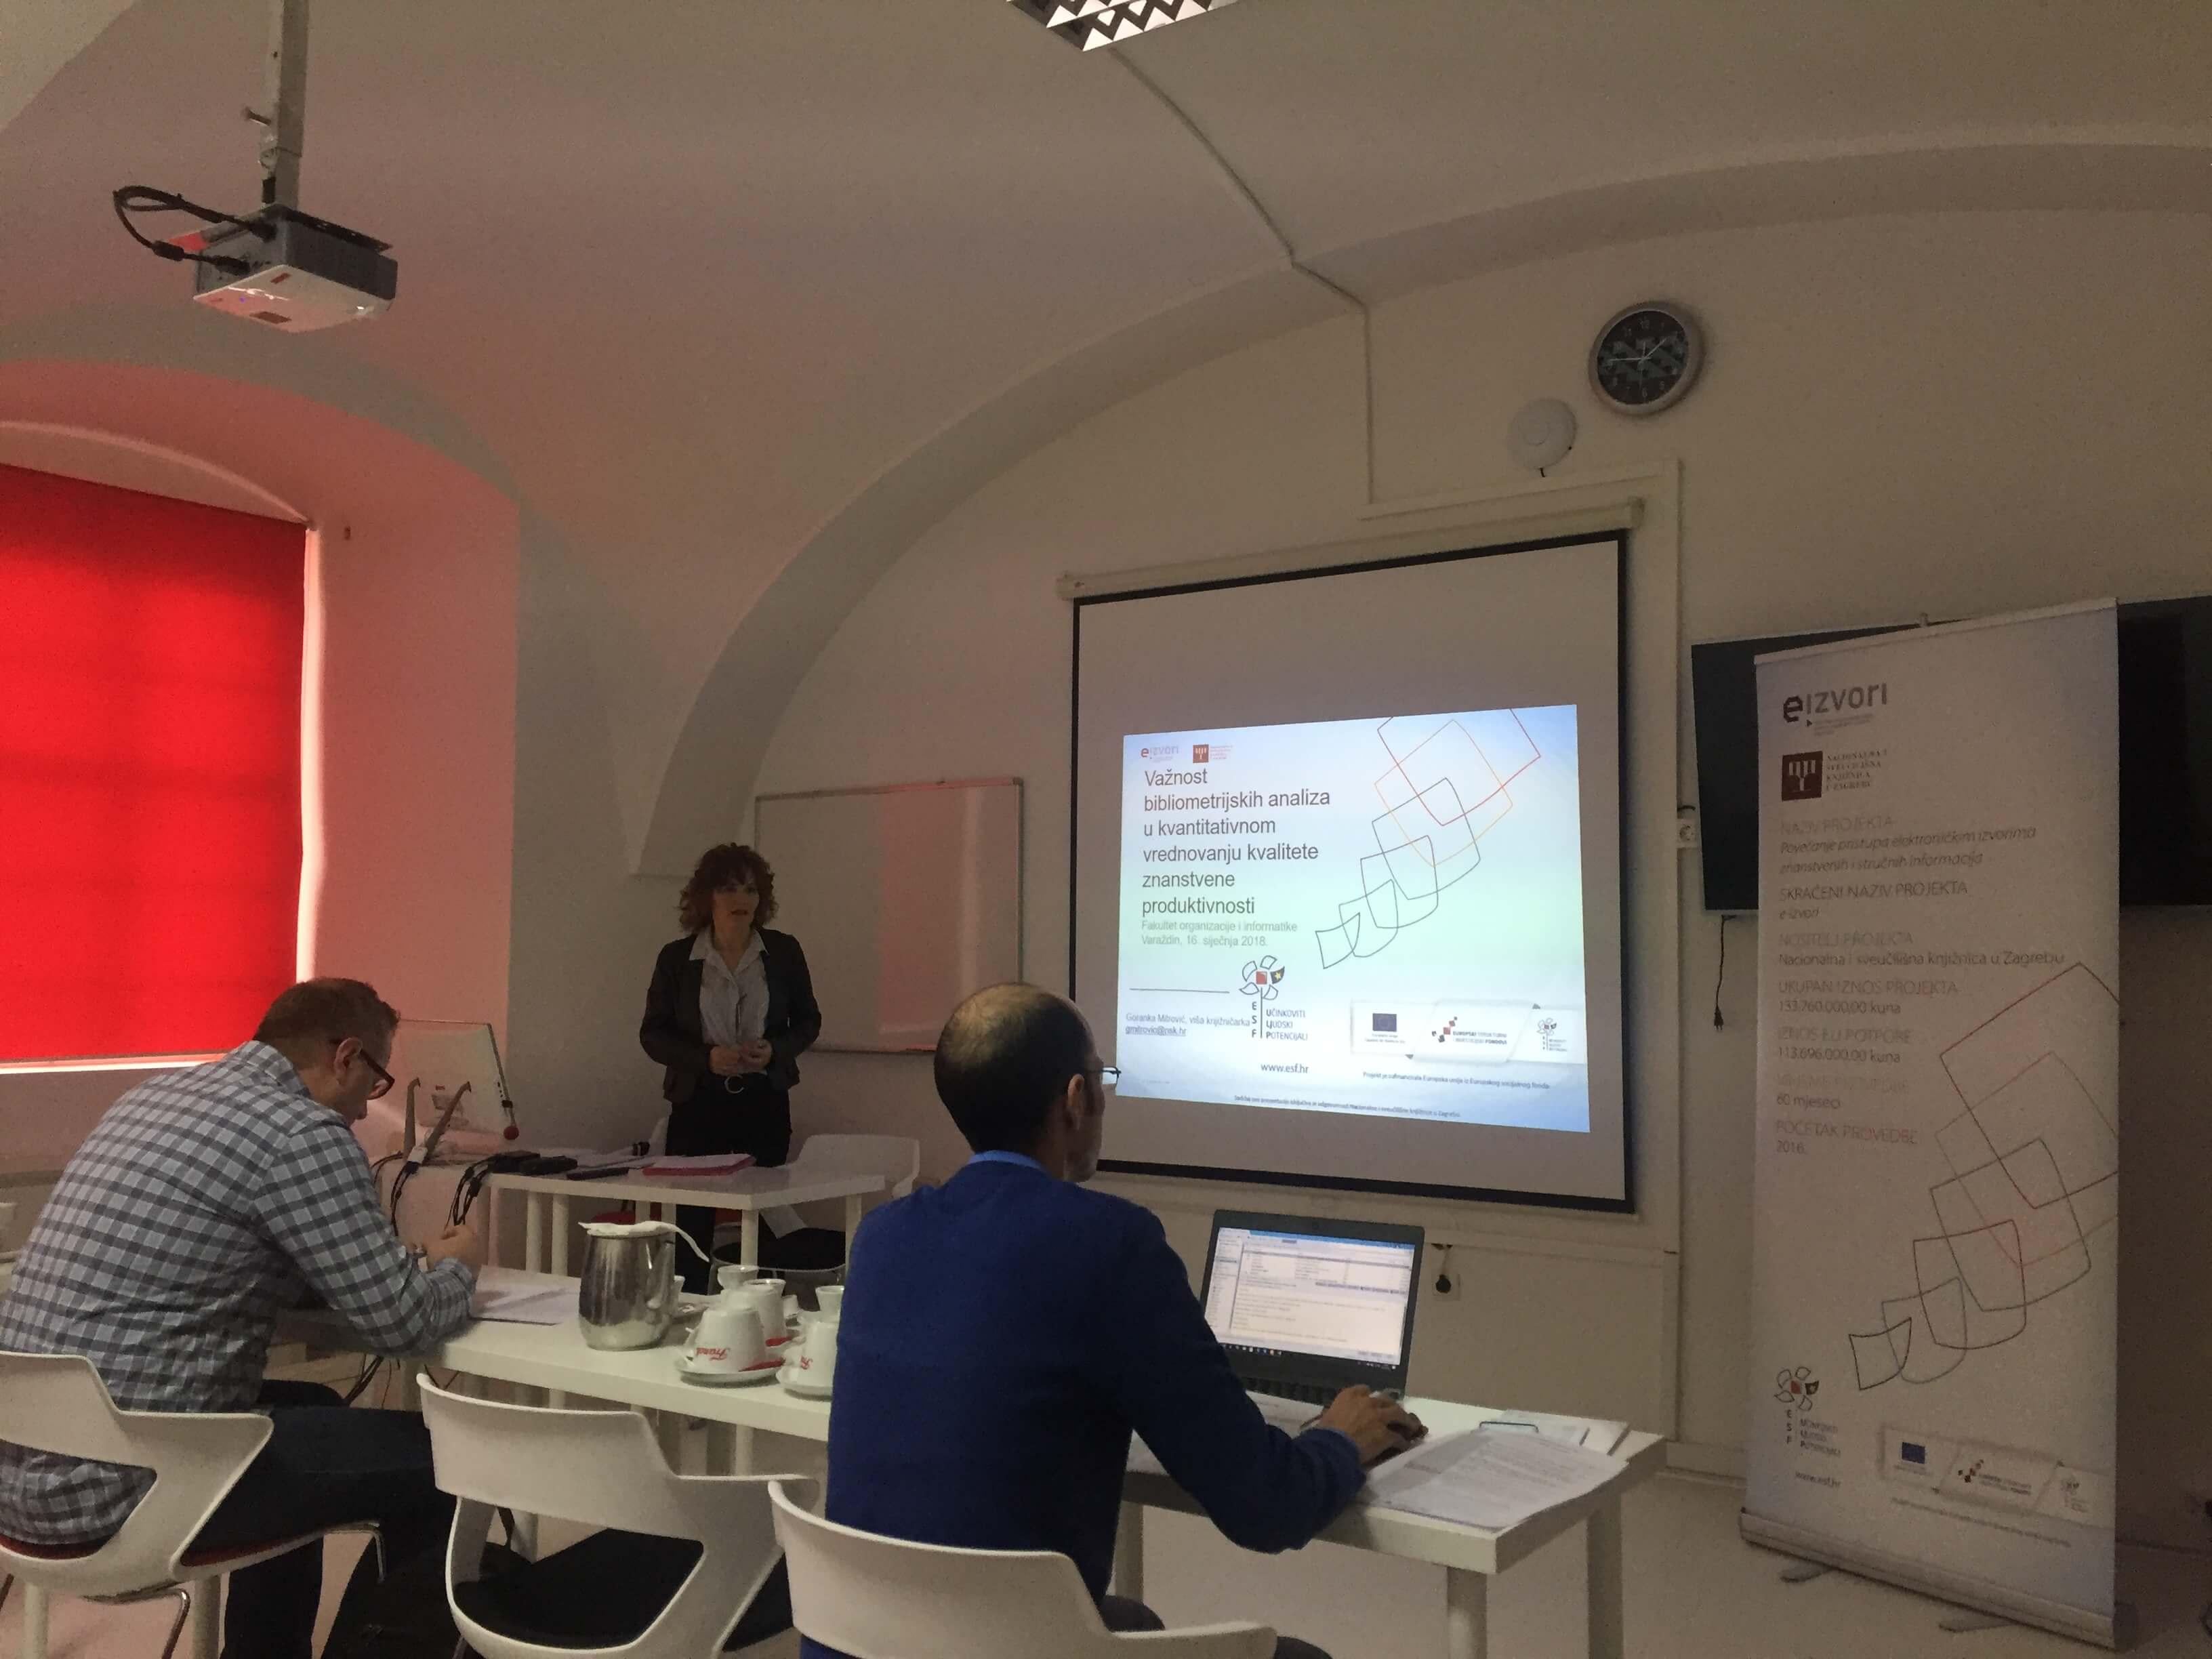 Održana radionica edukacije korisnika na Fakultetu organizacije i informatike u Varaždinu.